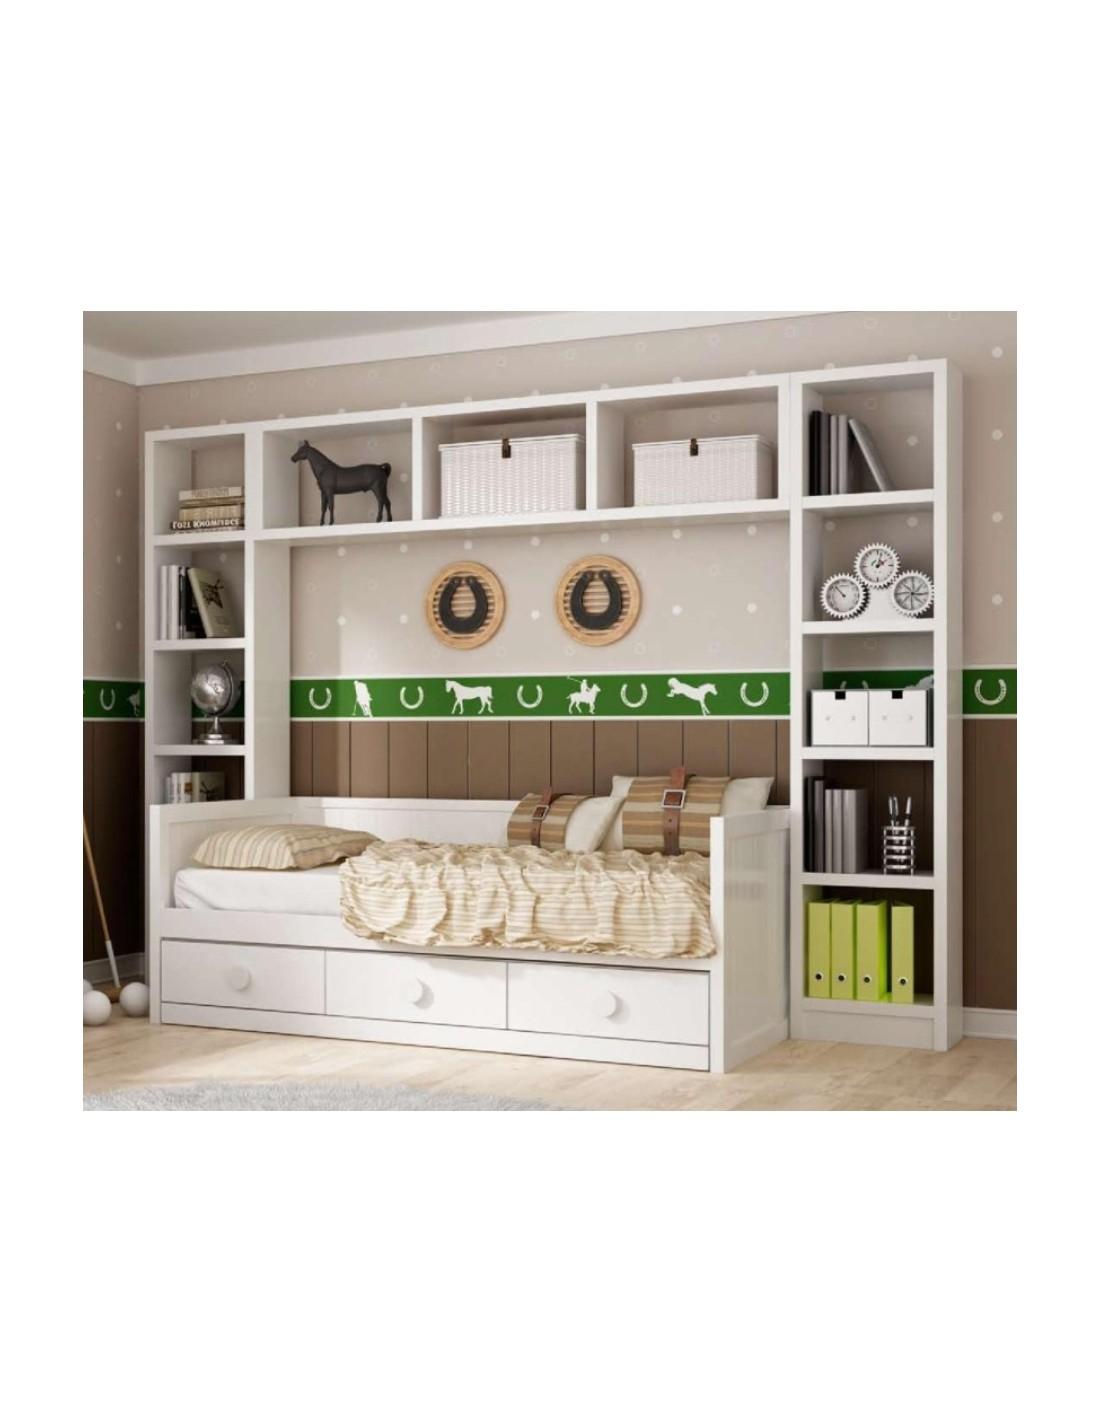 Comprar dormitorio juvenil puente tienda muebles online for Dormitorios puente juveniles baratos